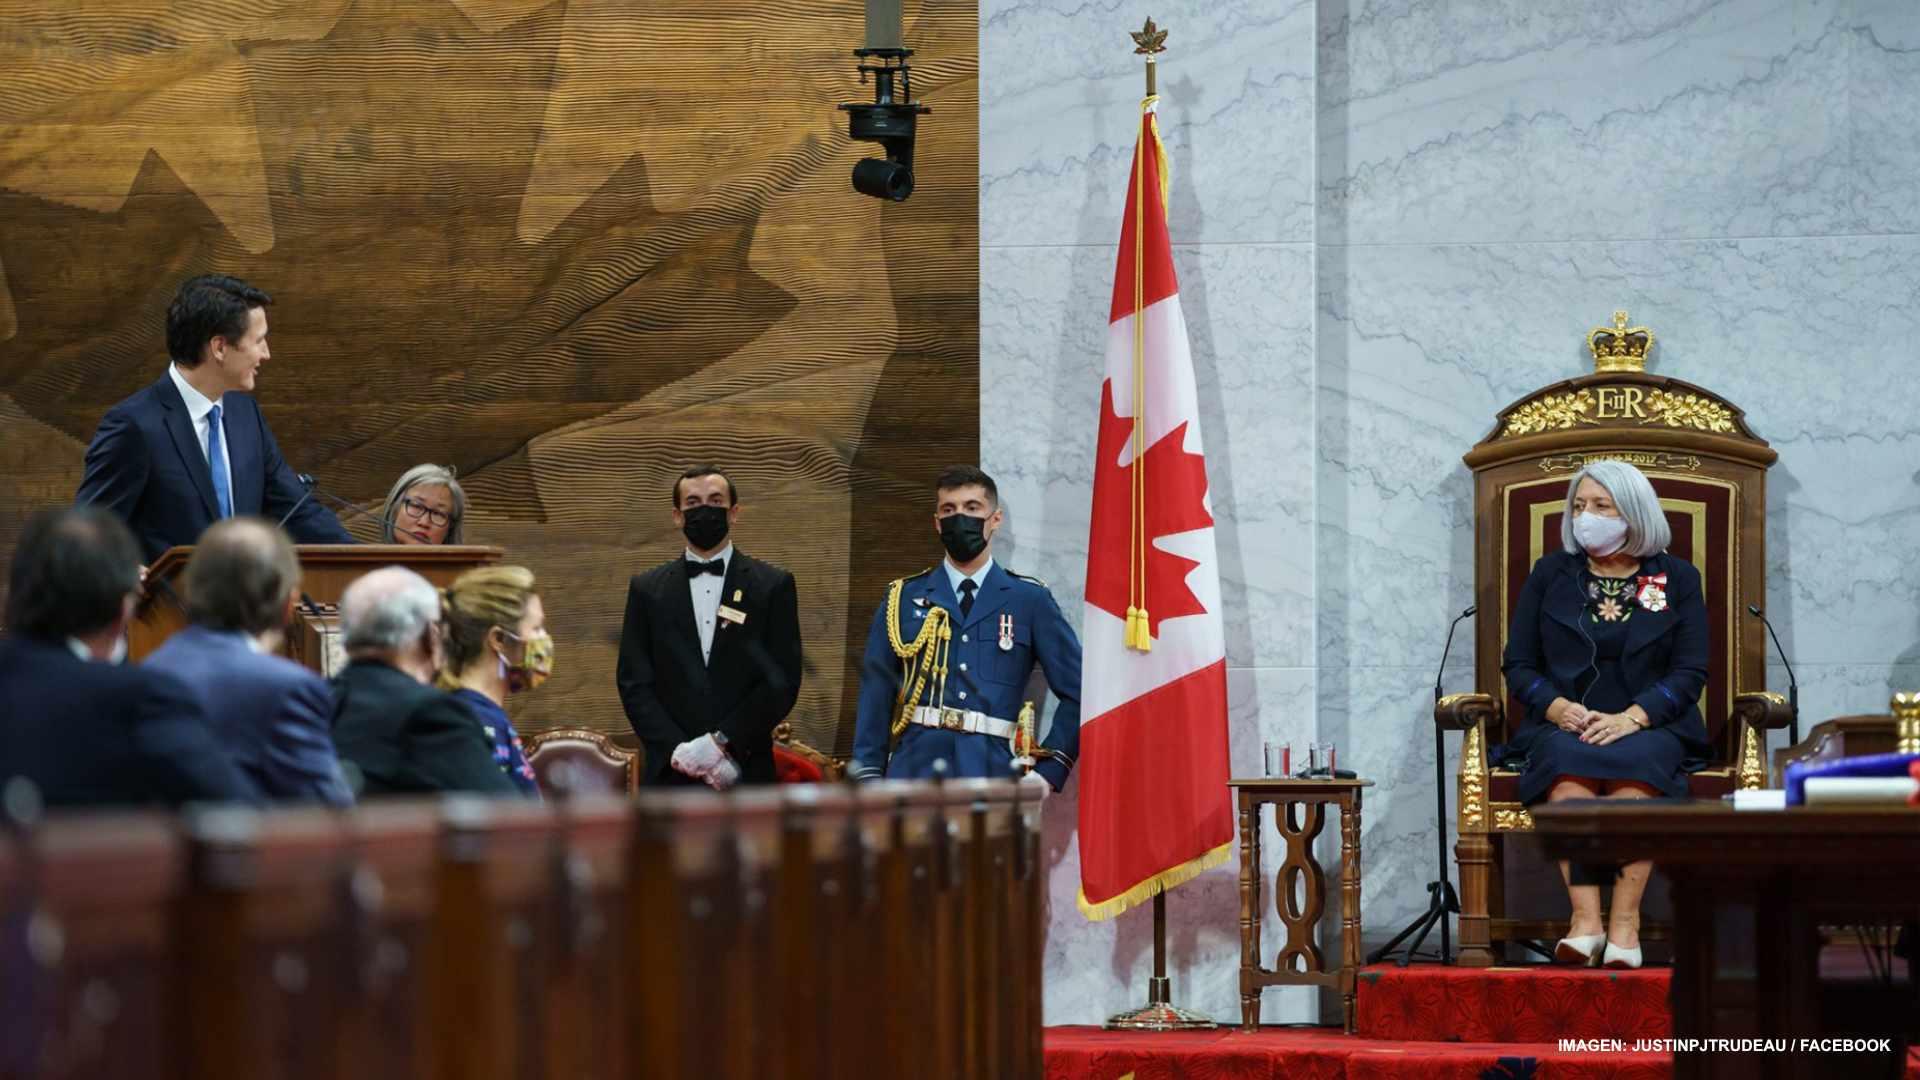 Gobernadora nombra a senadores independientes